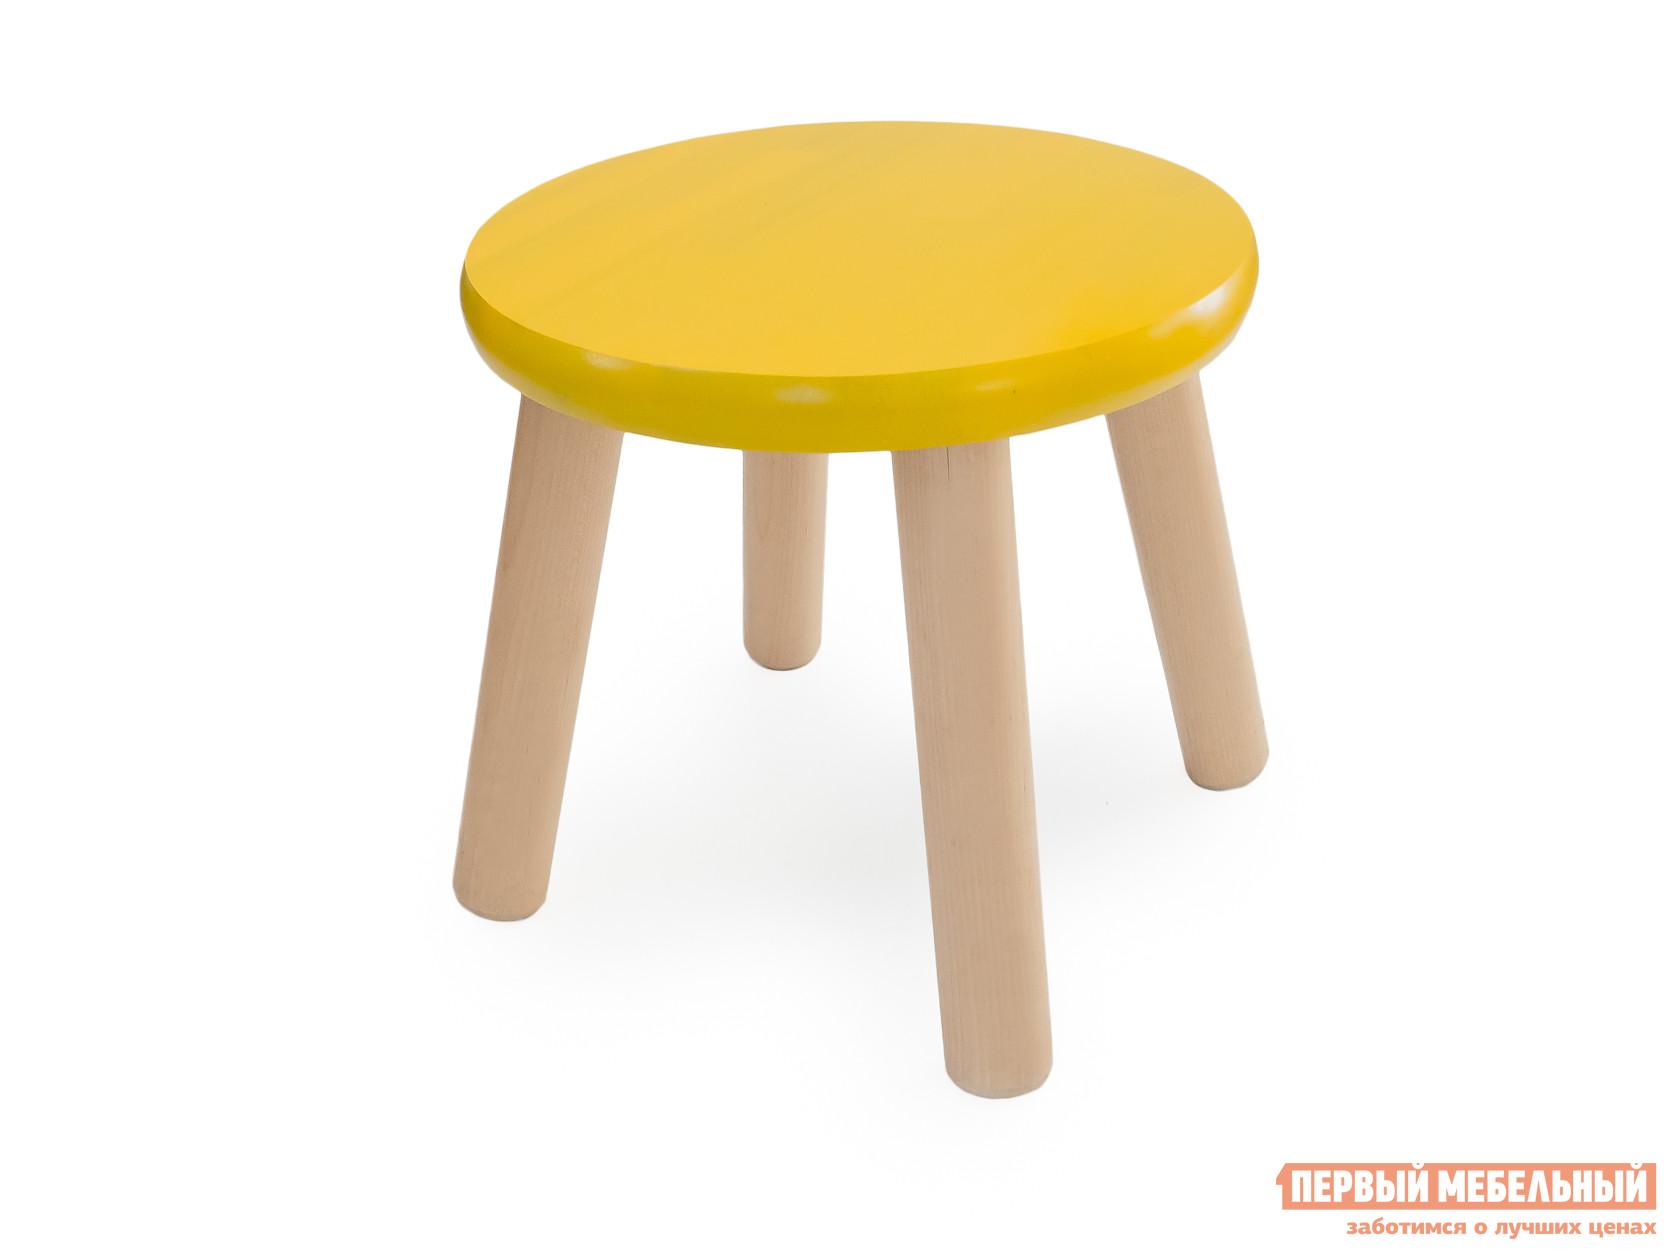 Столик и стульчик  Табурет детский Ольха / Желтый